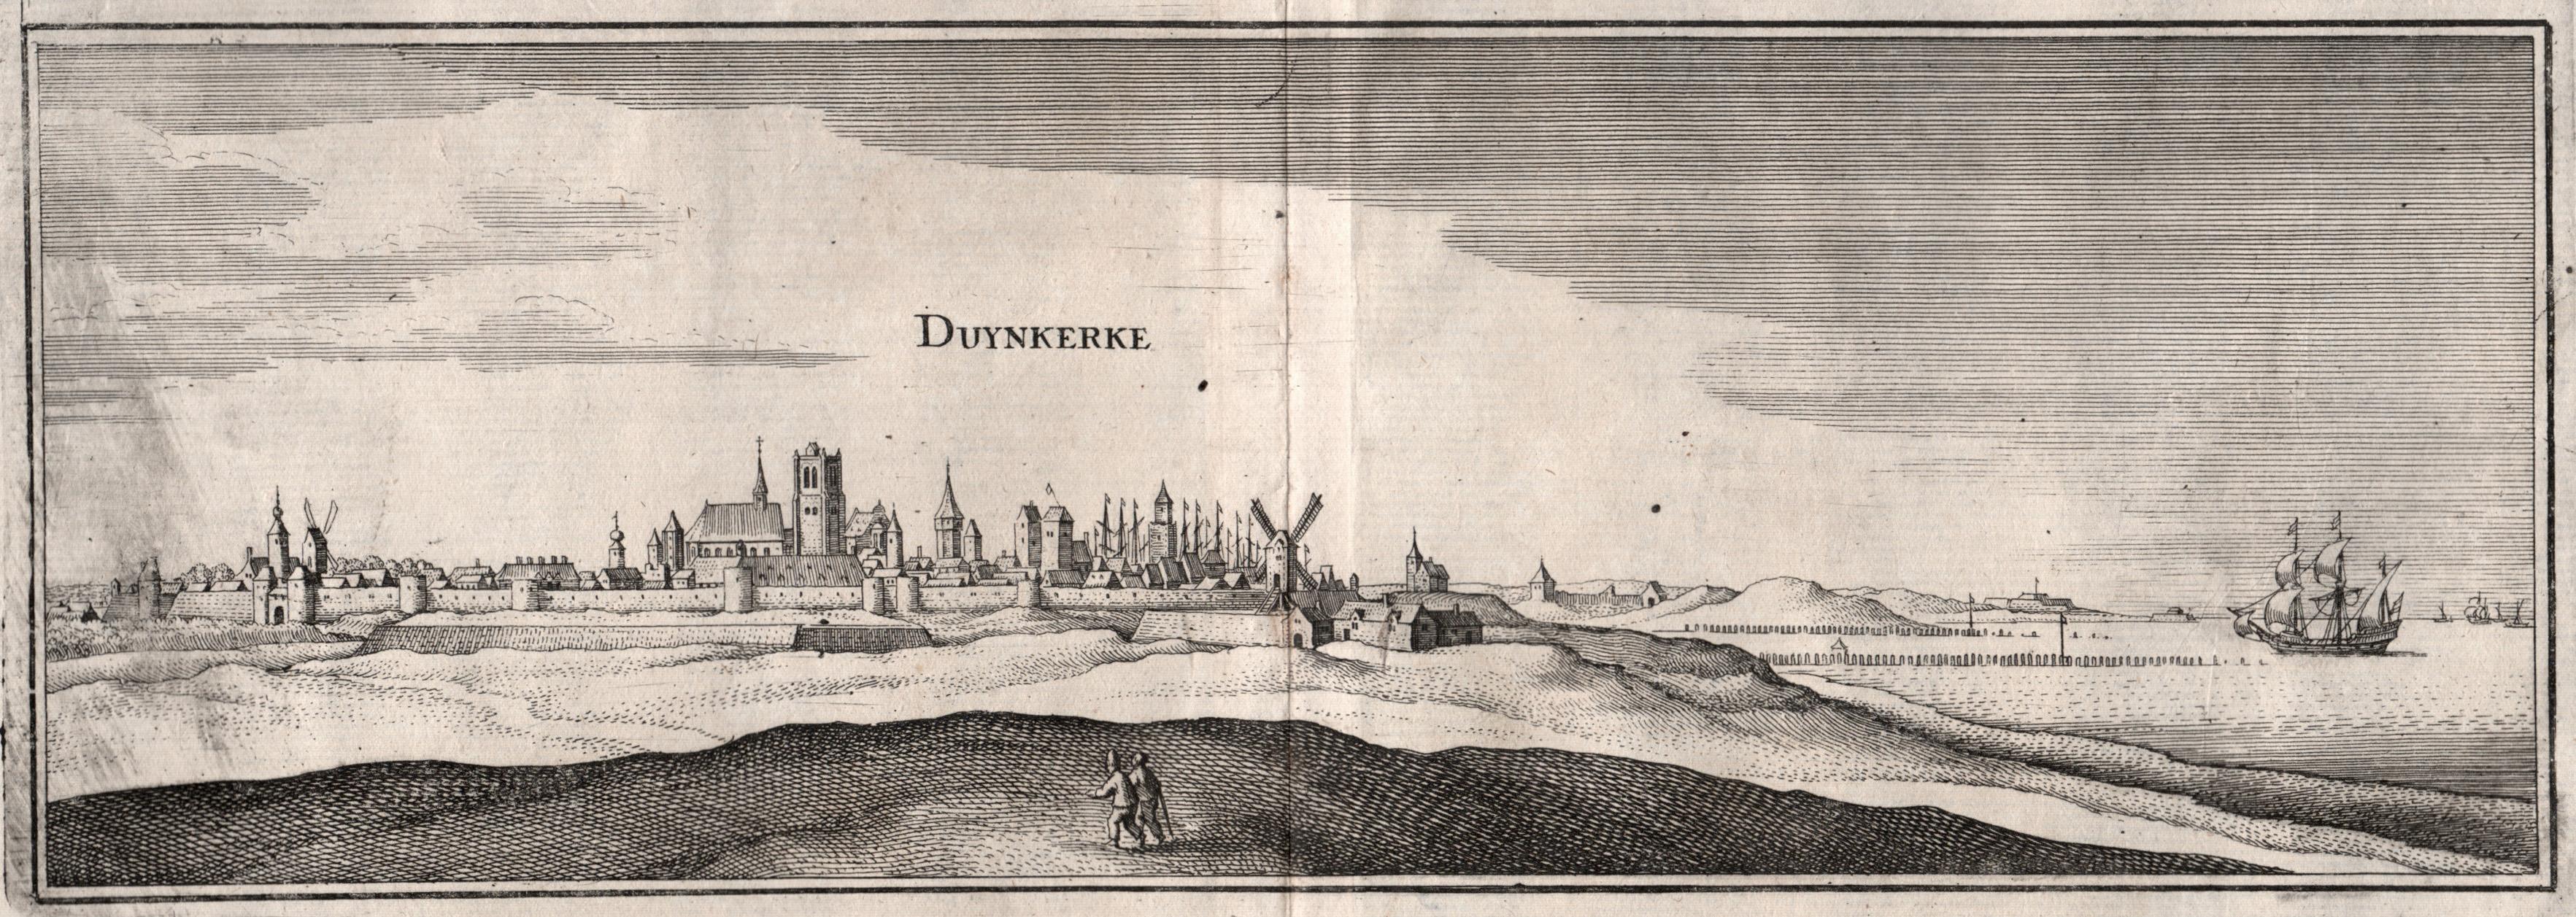 """Gesamtans., """"Duynkerke"""".: Dünkirchen:"""